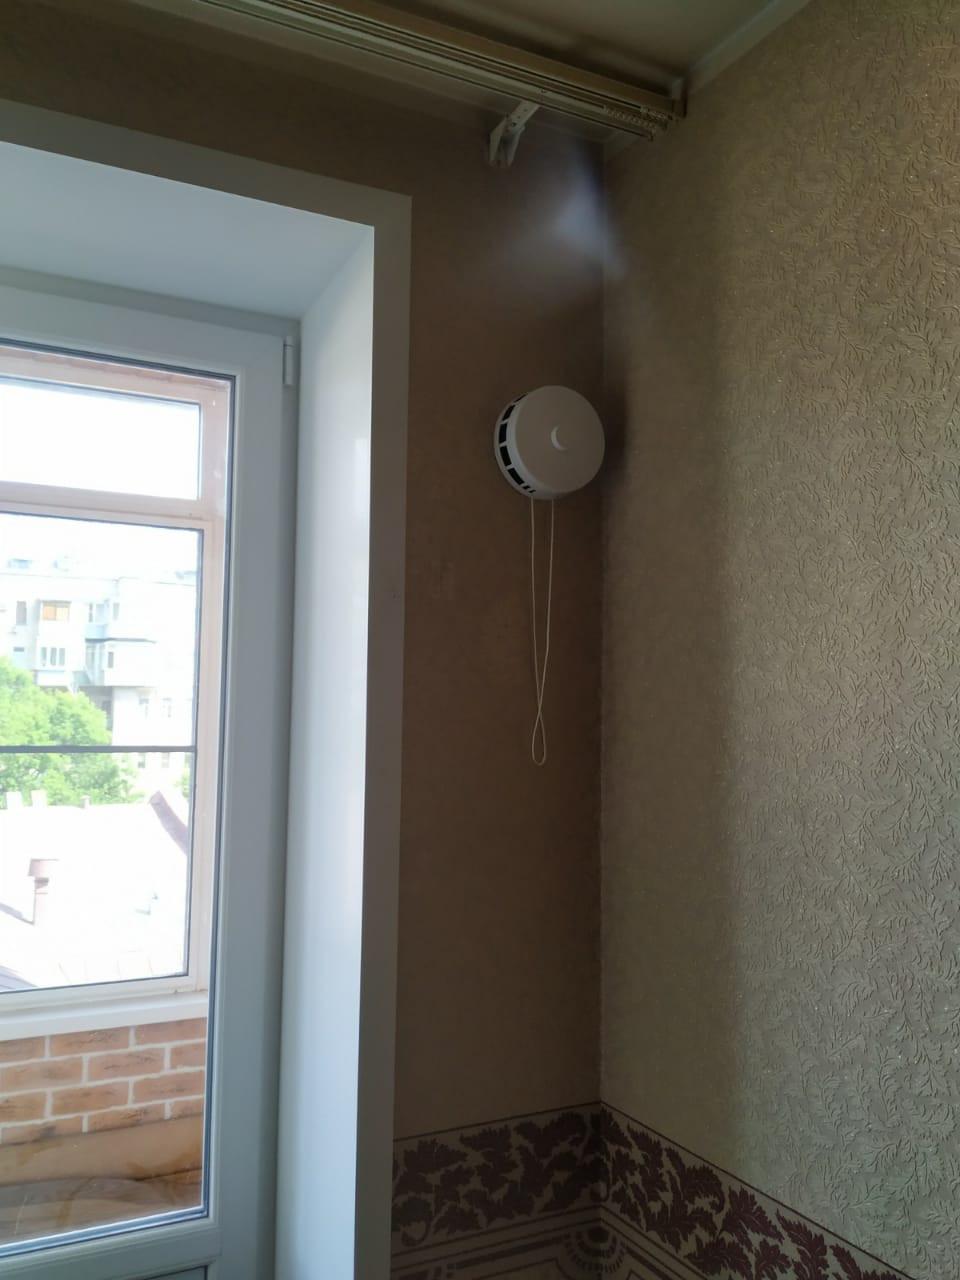 Клапан КПВ-125, вид из комнаты